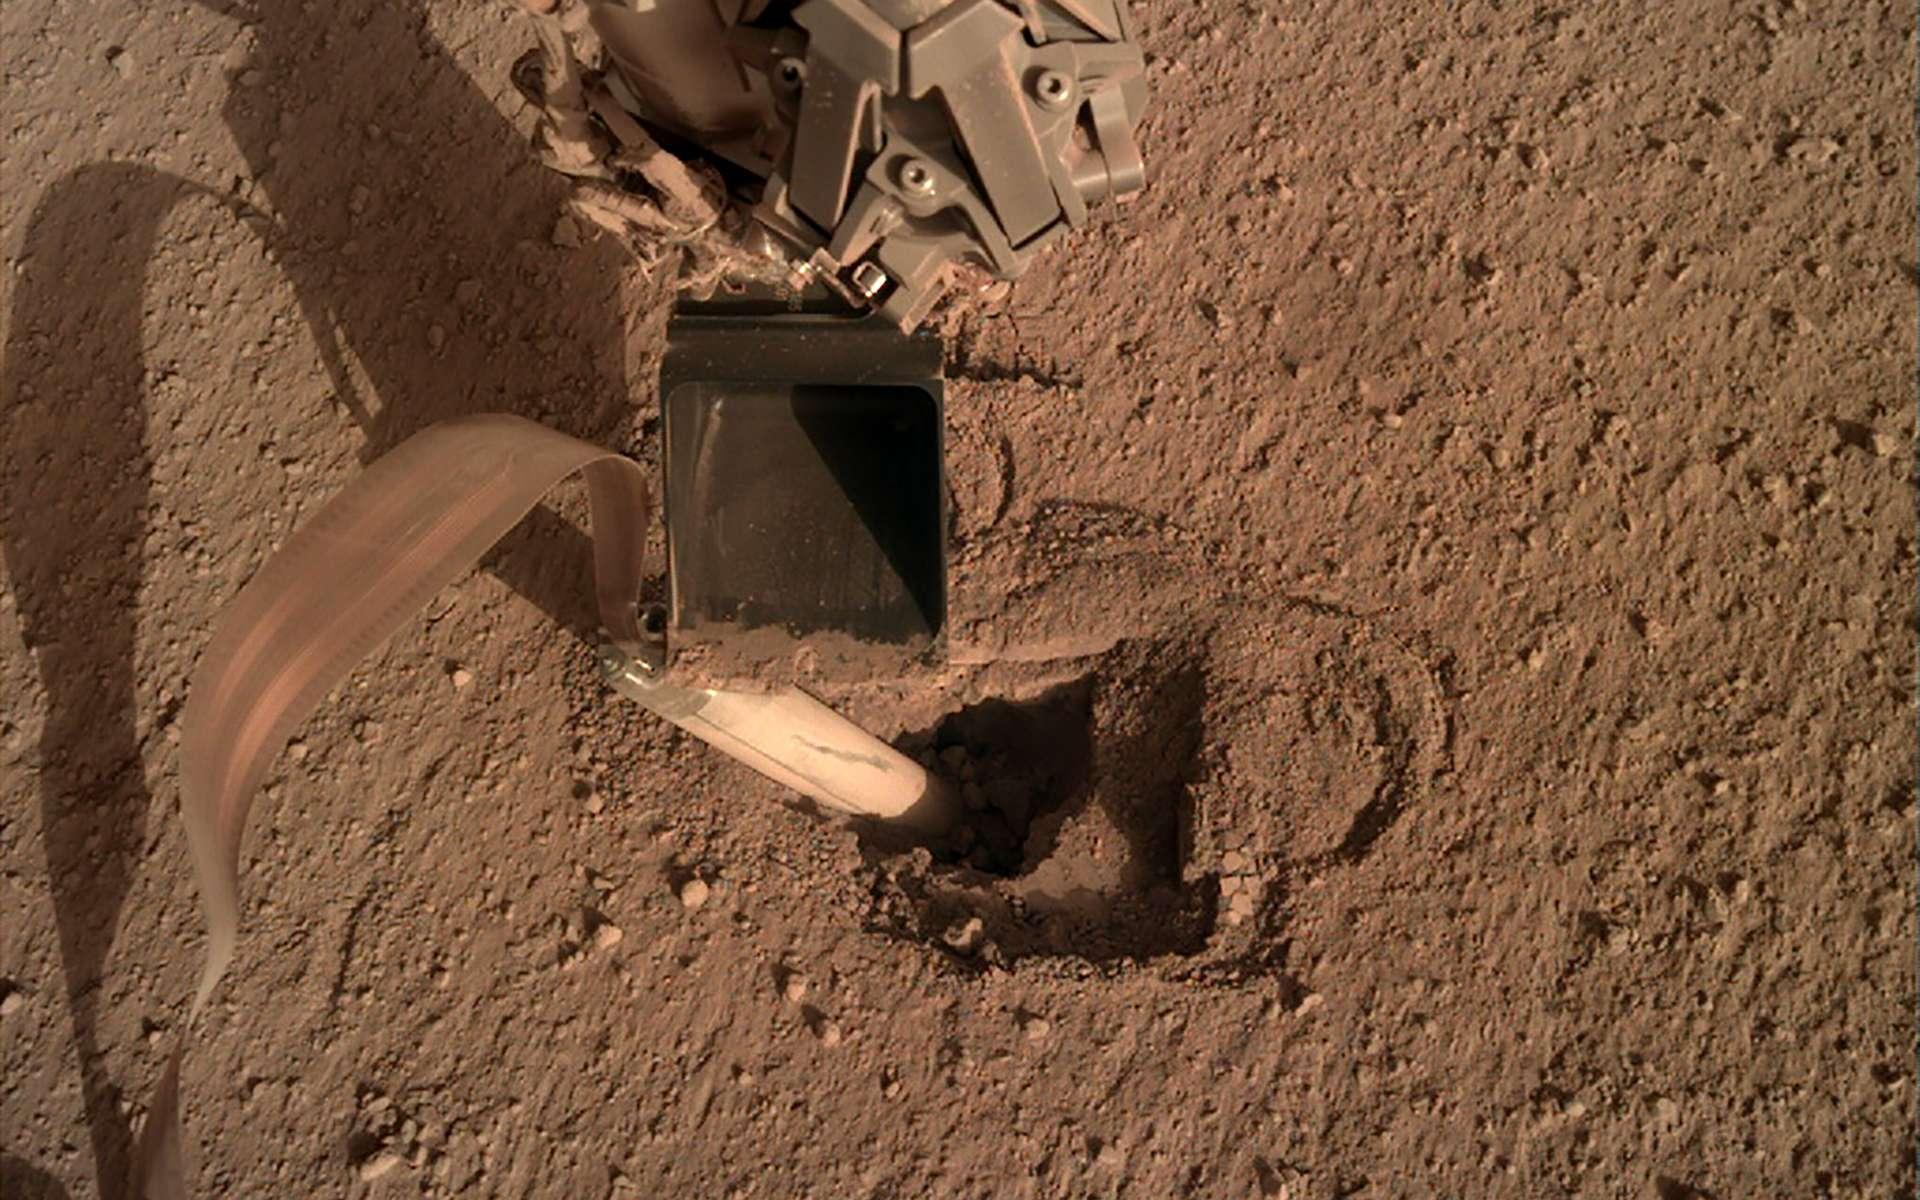 Nasa : opération de la dernière chance pour enfoncer « la taupe » dans le sol de Mars